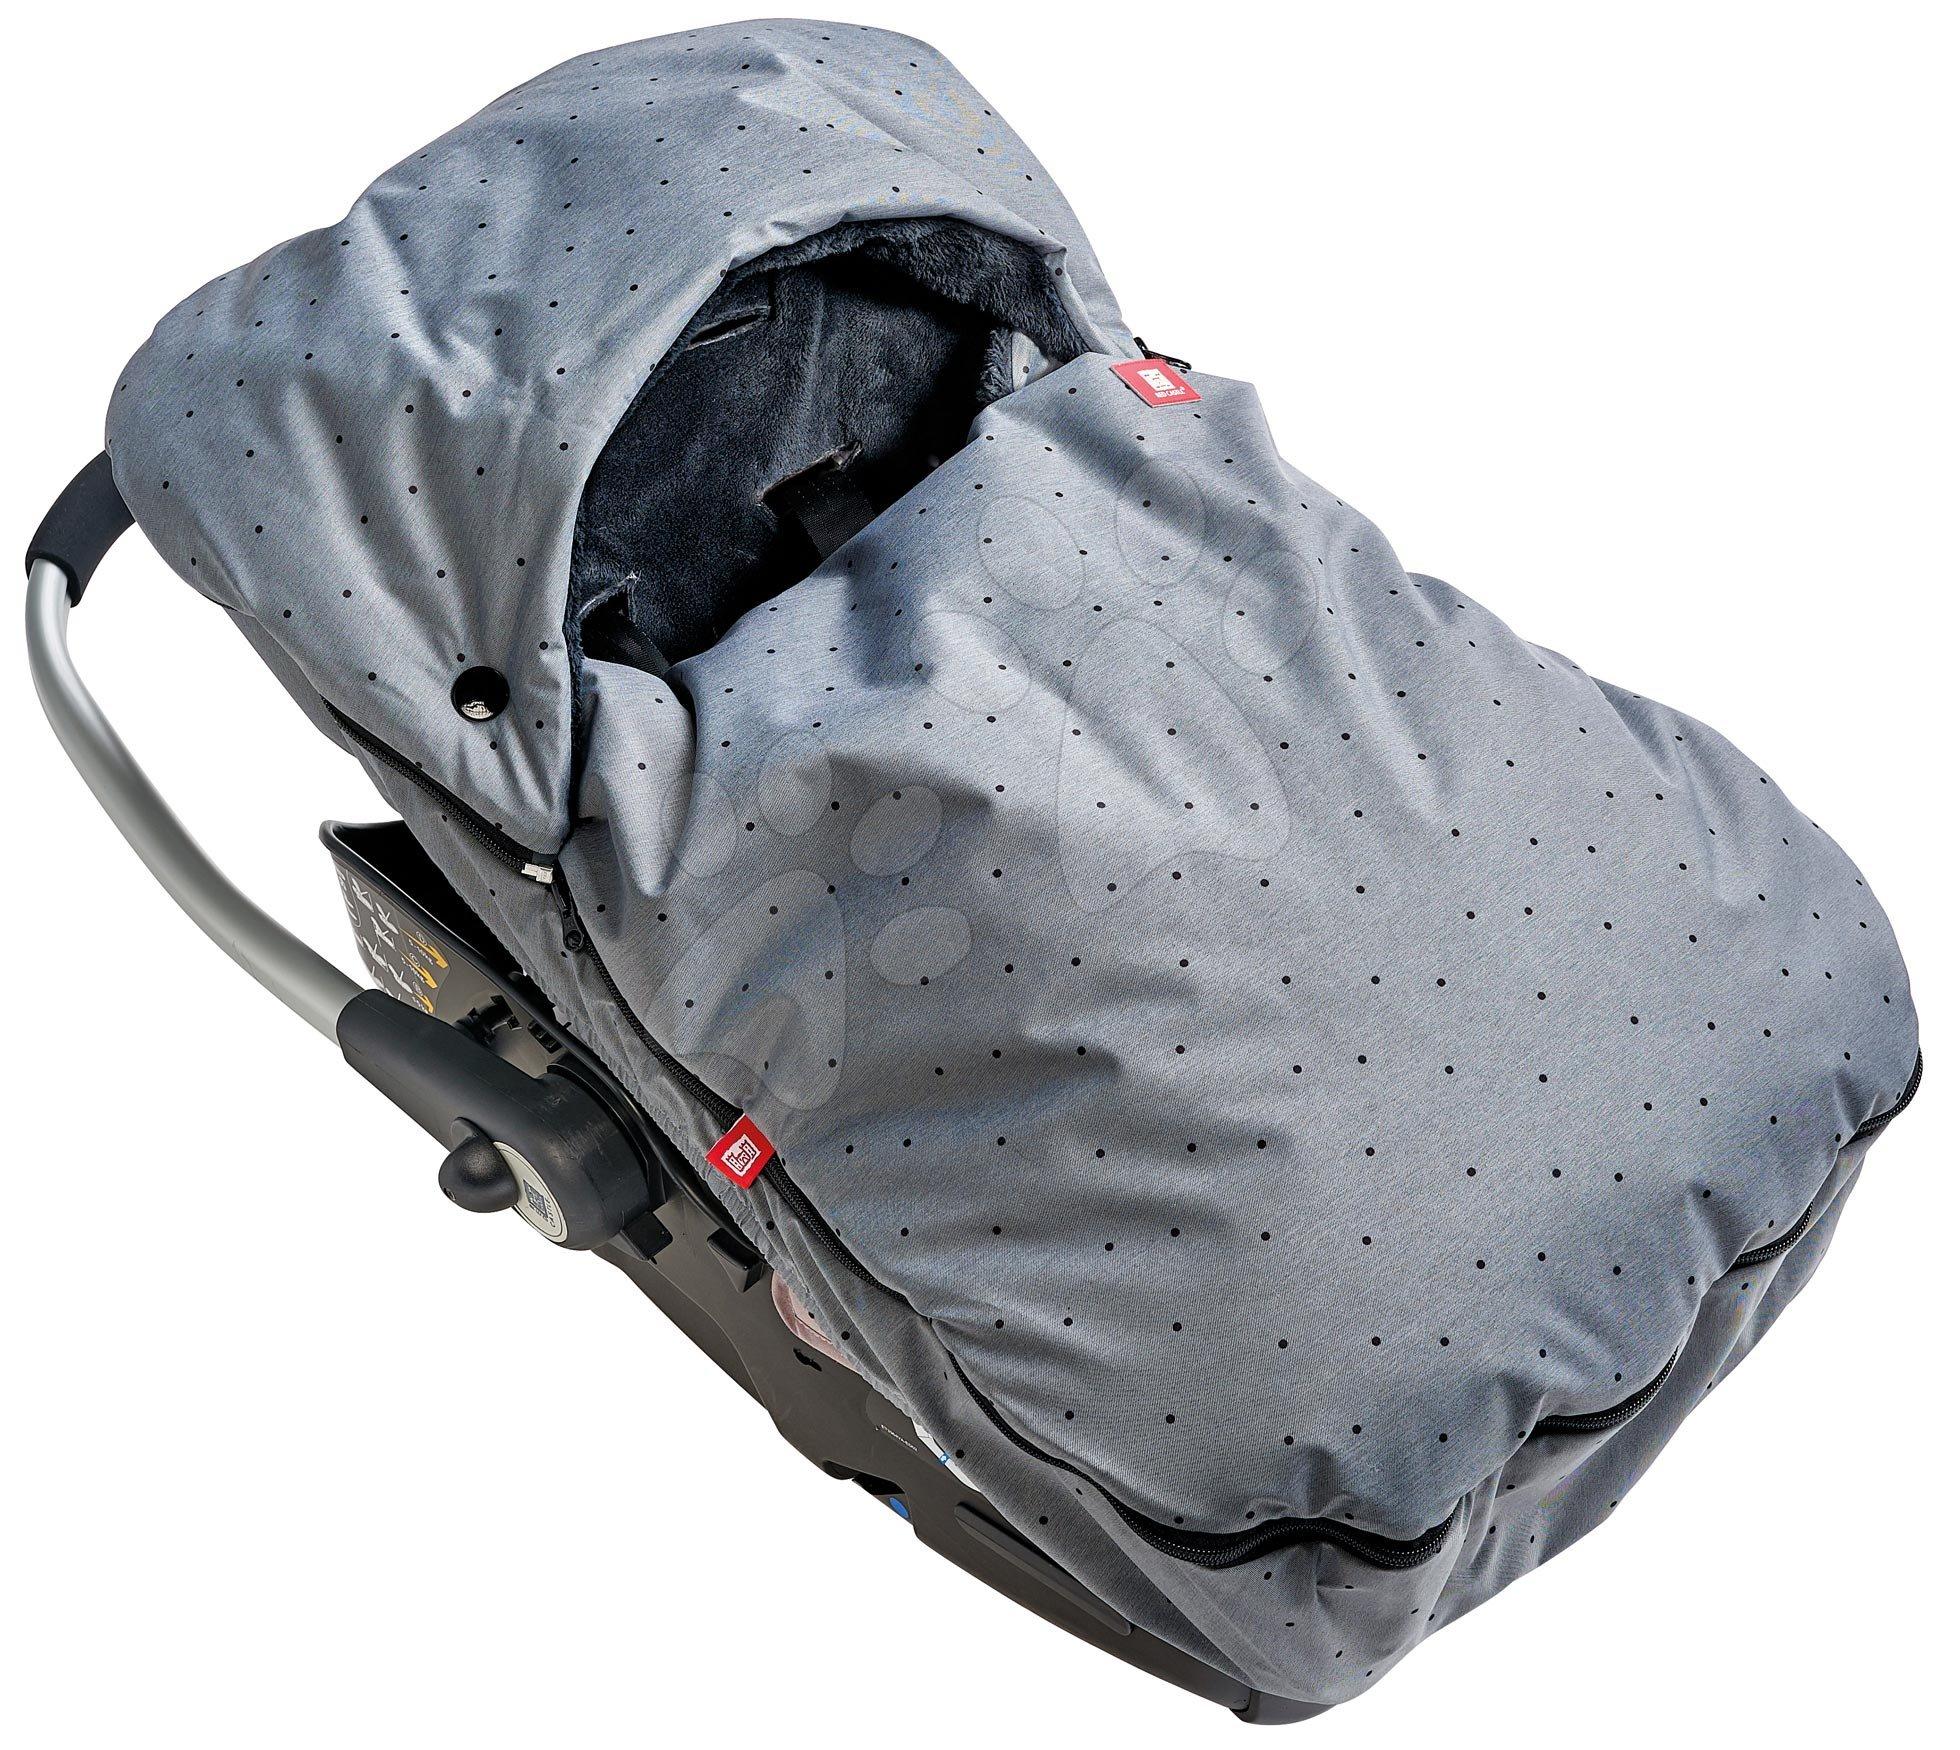 Fusaky - Fusak do autosedačky Red Castle extra teplý pohodlný vzdušný vodeodolný šedý bodkovaný 0-12 mesiacov